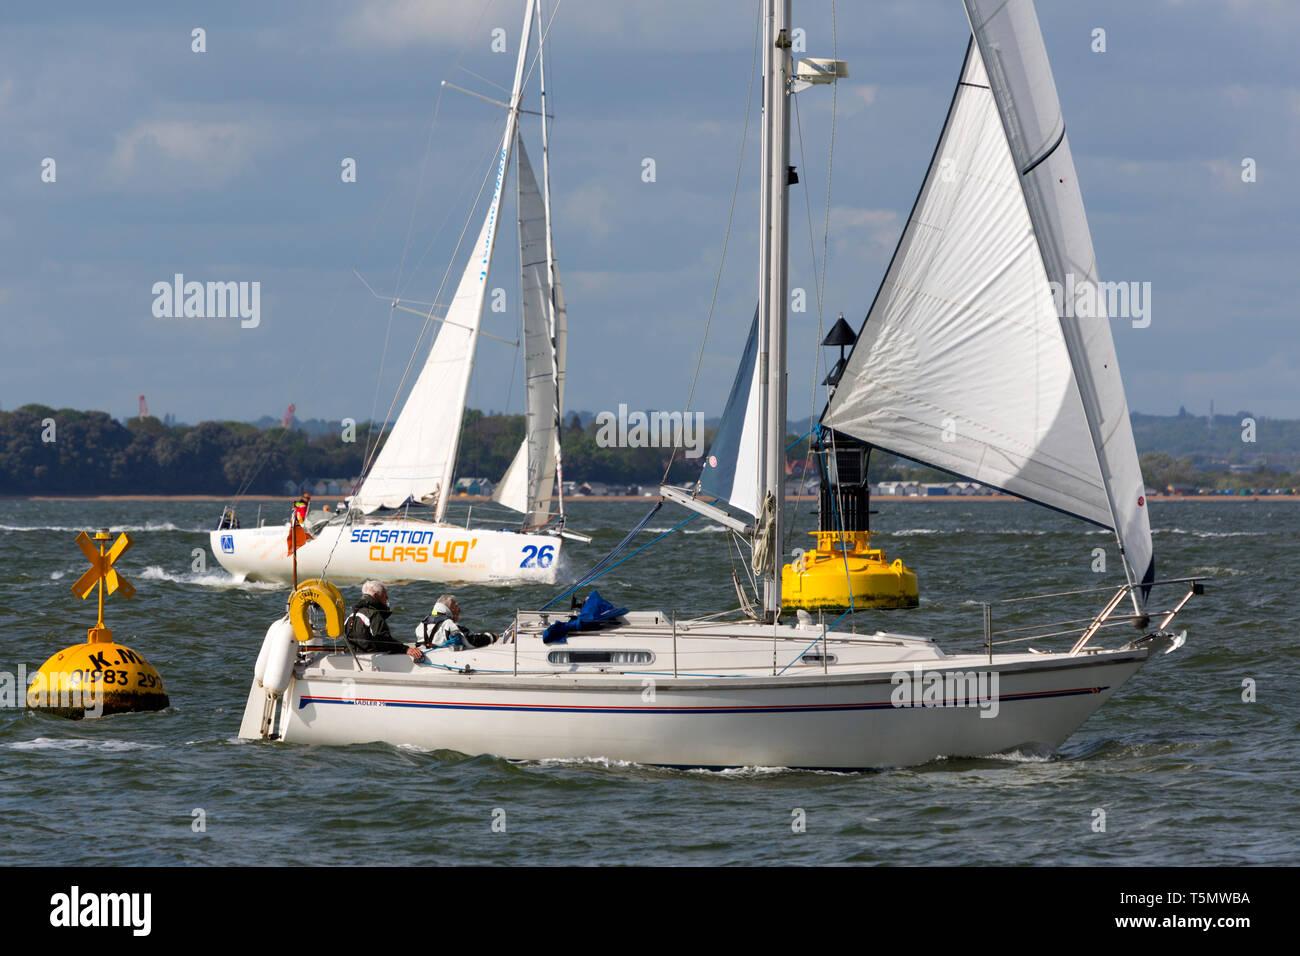 Sadler 29,Liberty,class,40, yacht, crociera,cruiser,vela,yachting,pensionati,giovane,roller,presa di terzaroli,jib, Randa, vela, lunga distanza,viaggio,holiday,l' Immagini Stock